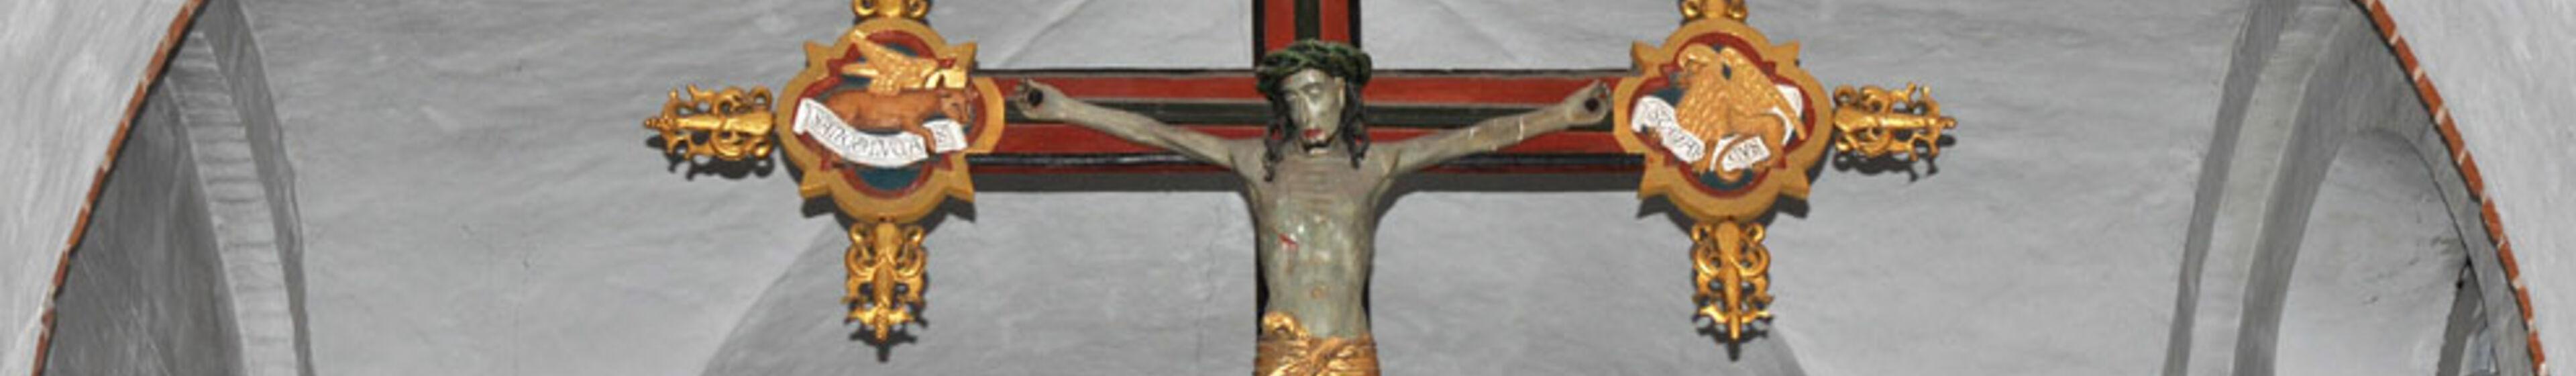 Jesuskreuz über dem Altar